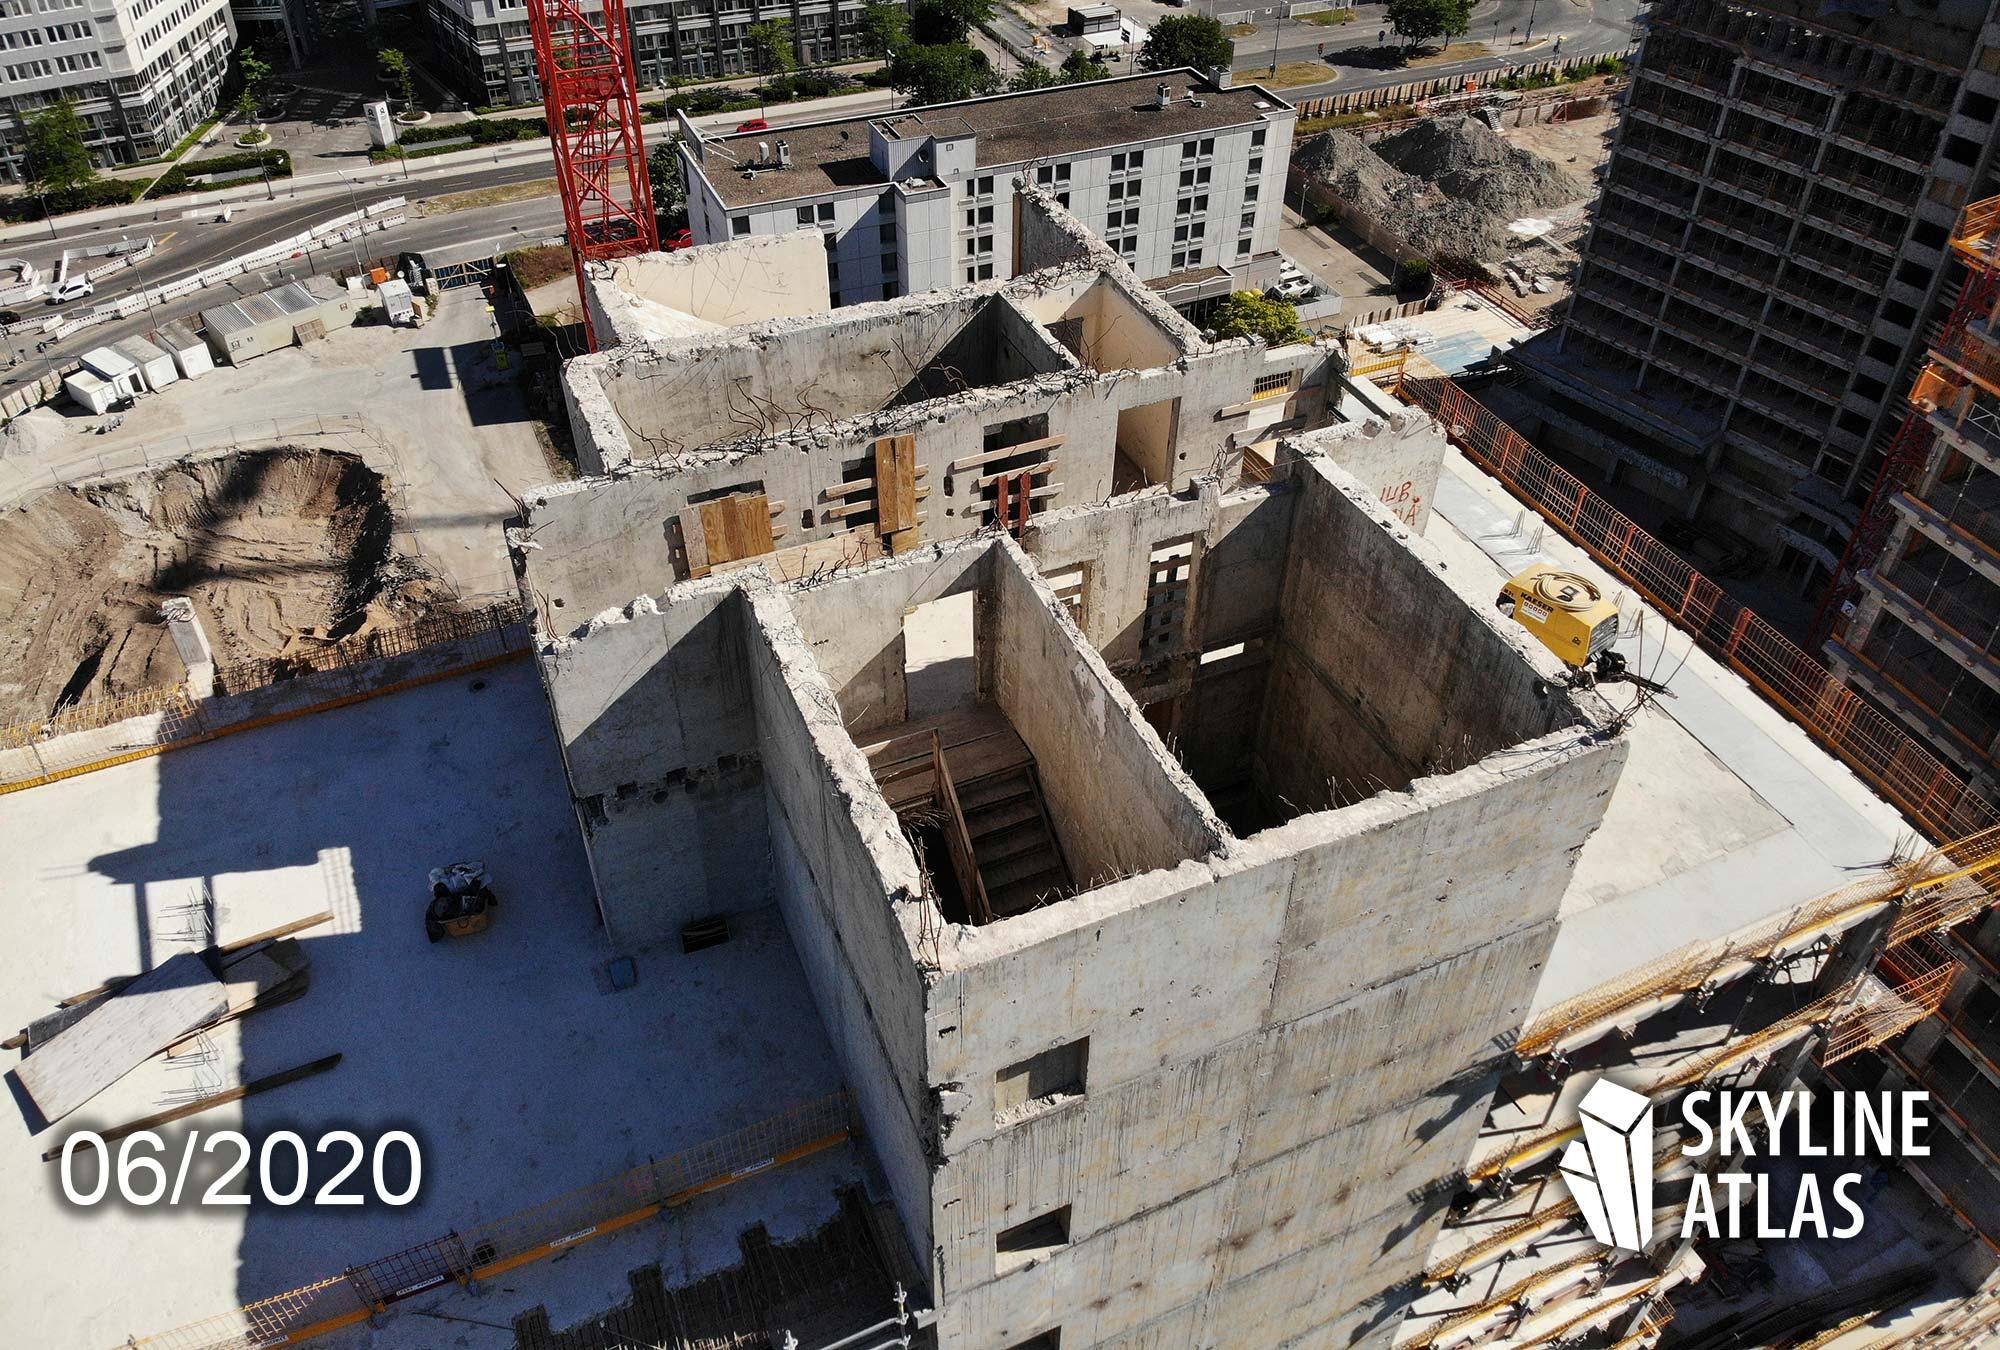 Blick auf die Betonstruktur - gut erkennbar sind sind das Treppenhaus und der Aufzugsschacht. New Frankfurt Towers Offenbach im Juni 2020